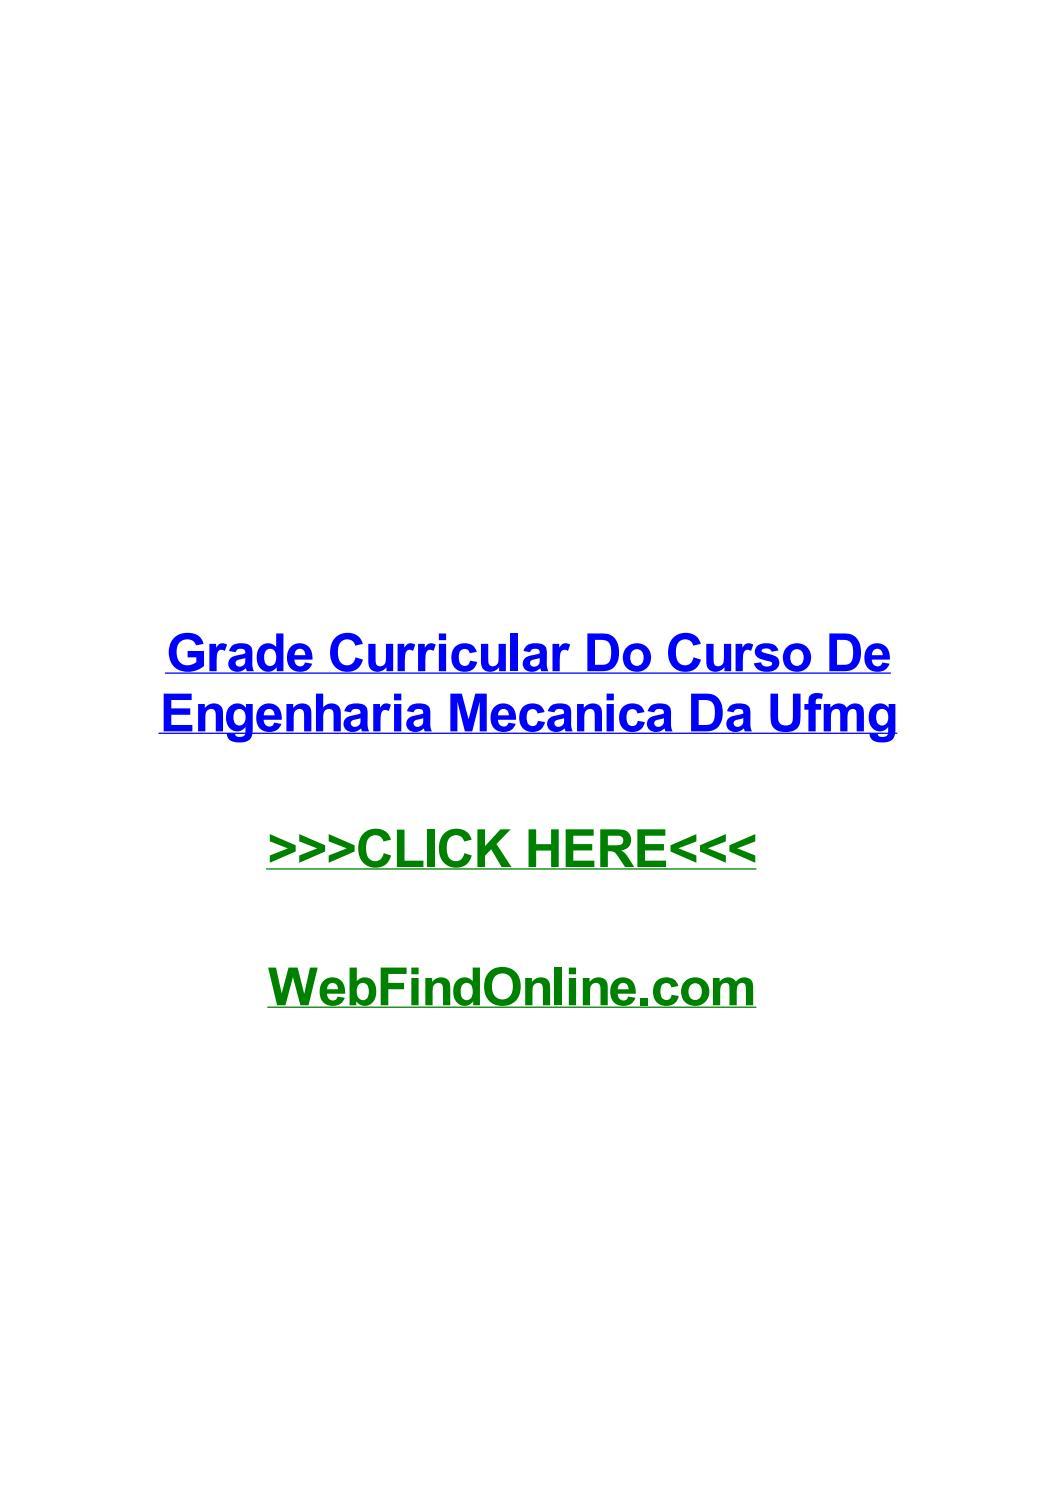 Grade Curricular Do Curso De Engenharia Mecanica Da Ufmg By